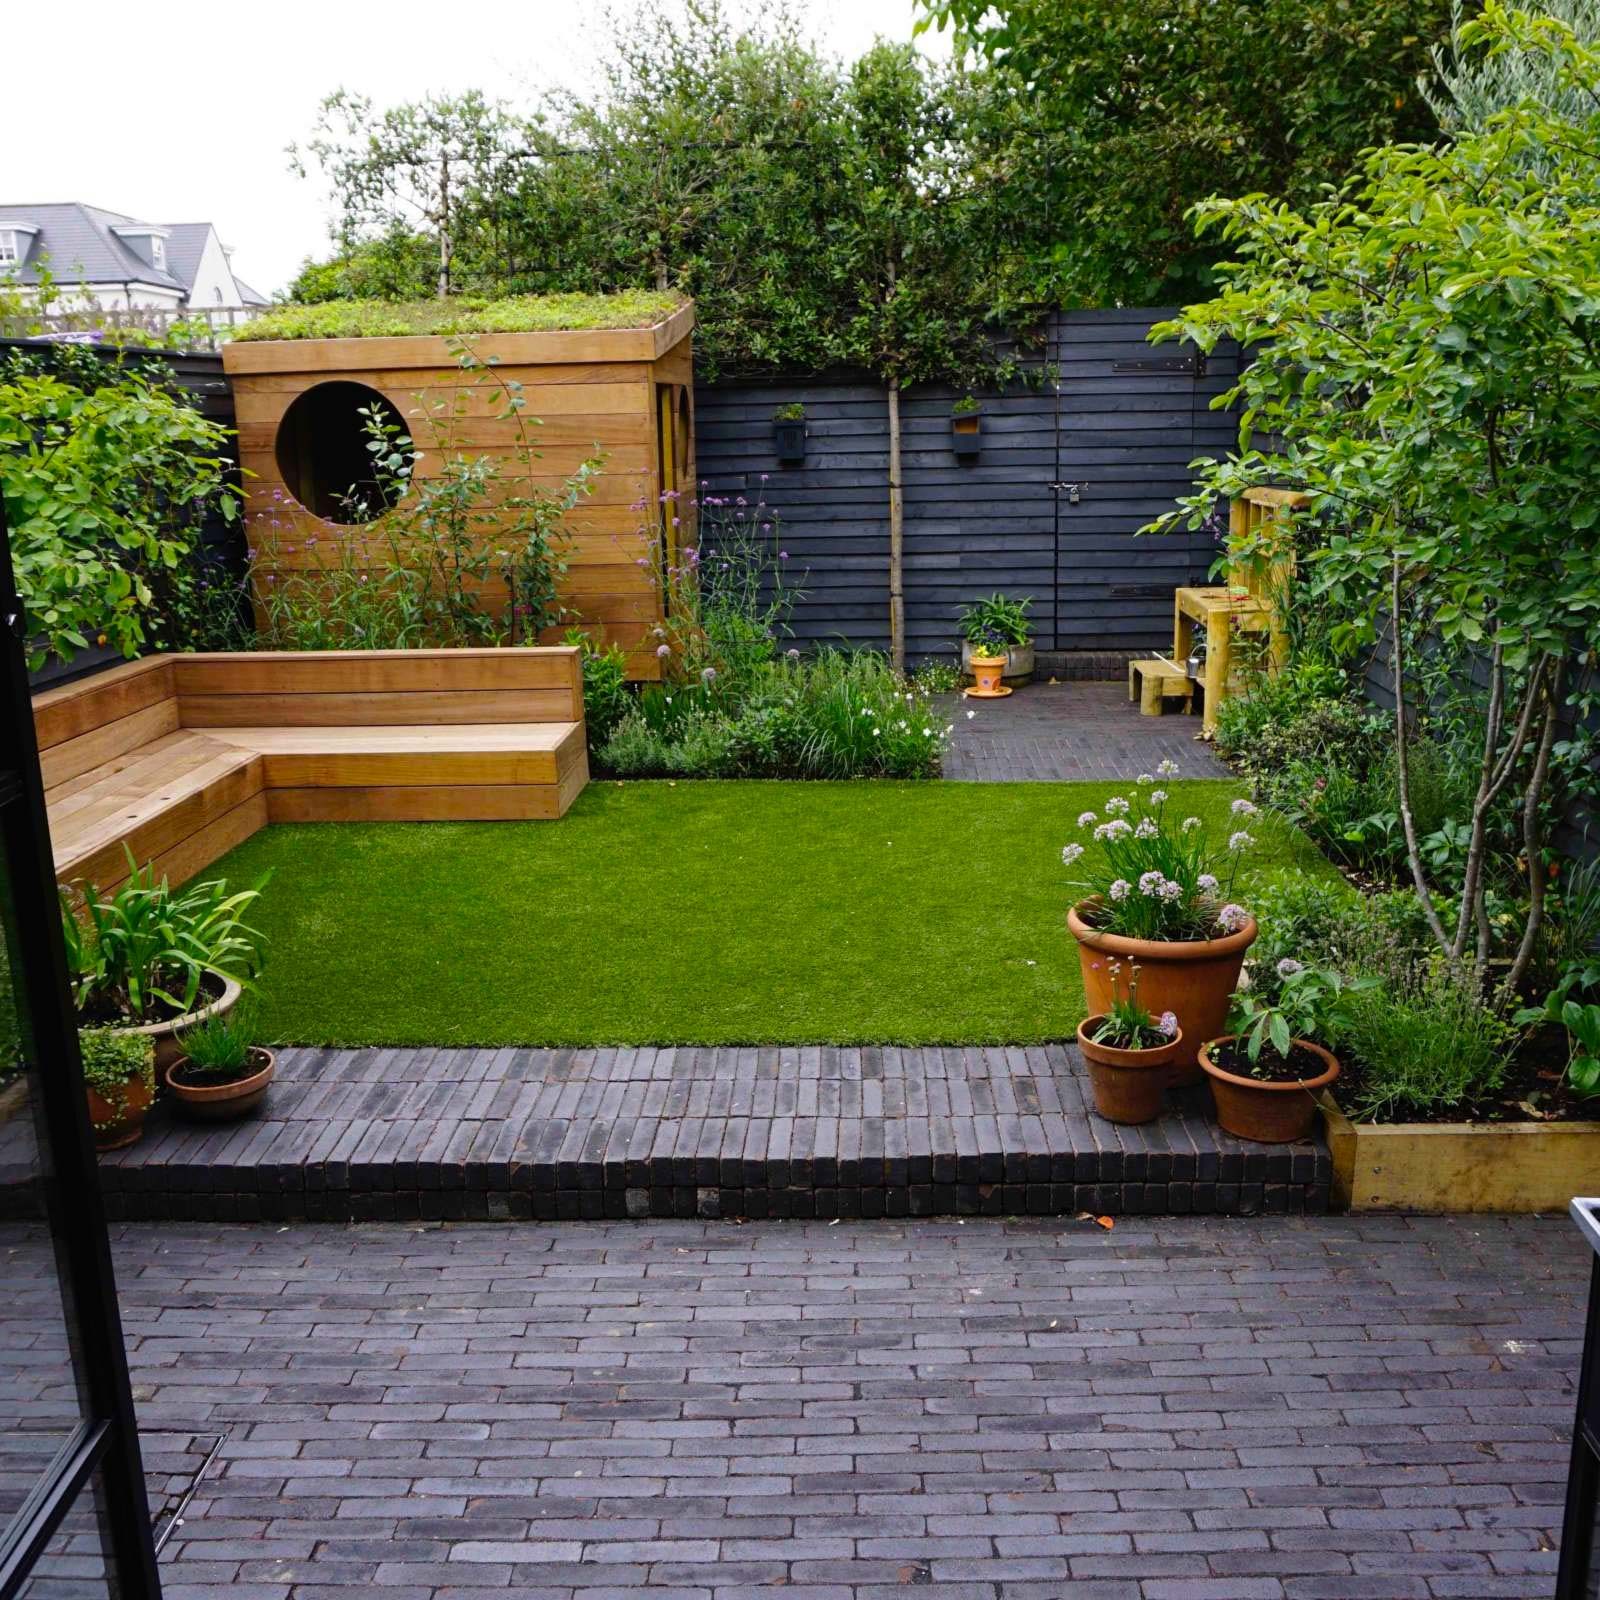 Garden Club Londen heeft in deze mooie kleine tuin gekozen voor een combinatie van klinkers, een groen gazon en zwarte houten schuttingen.